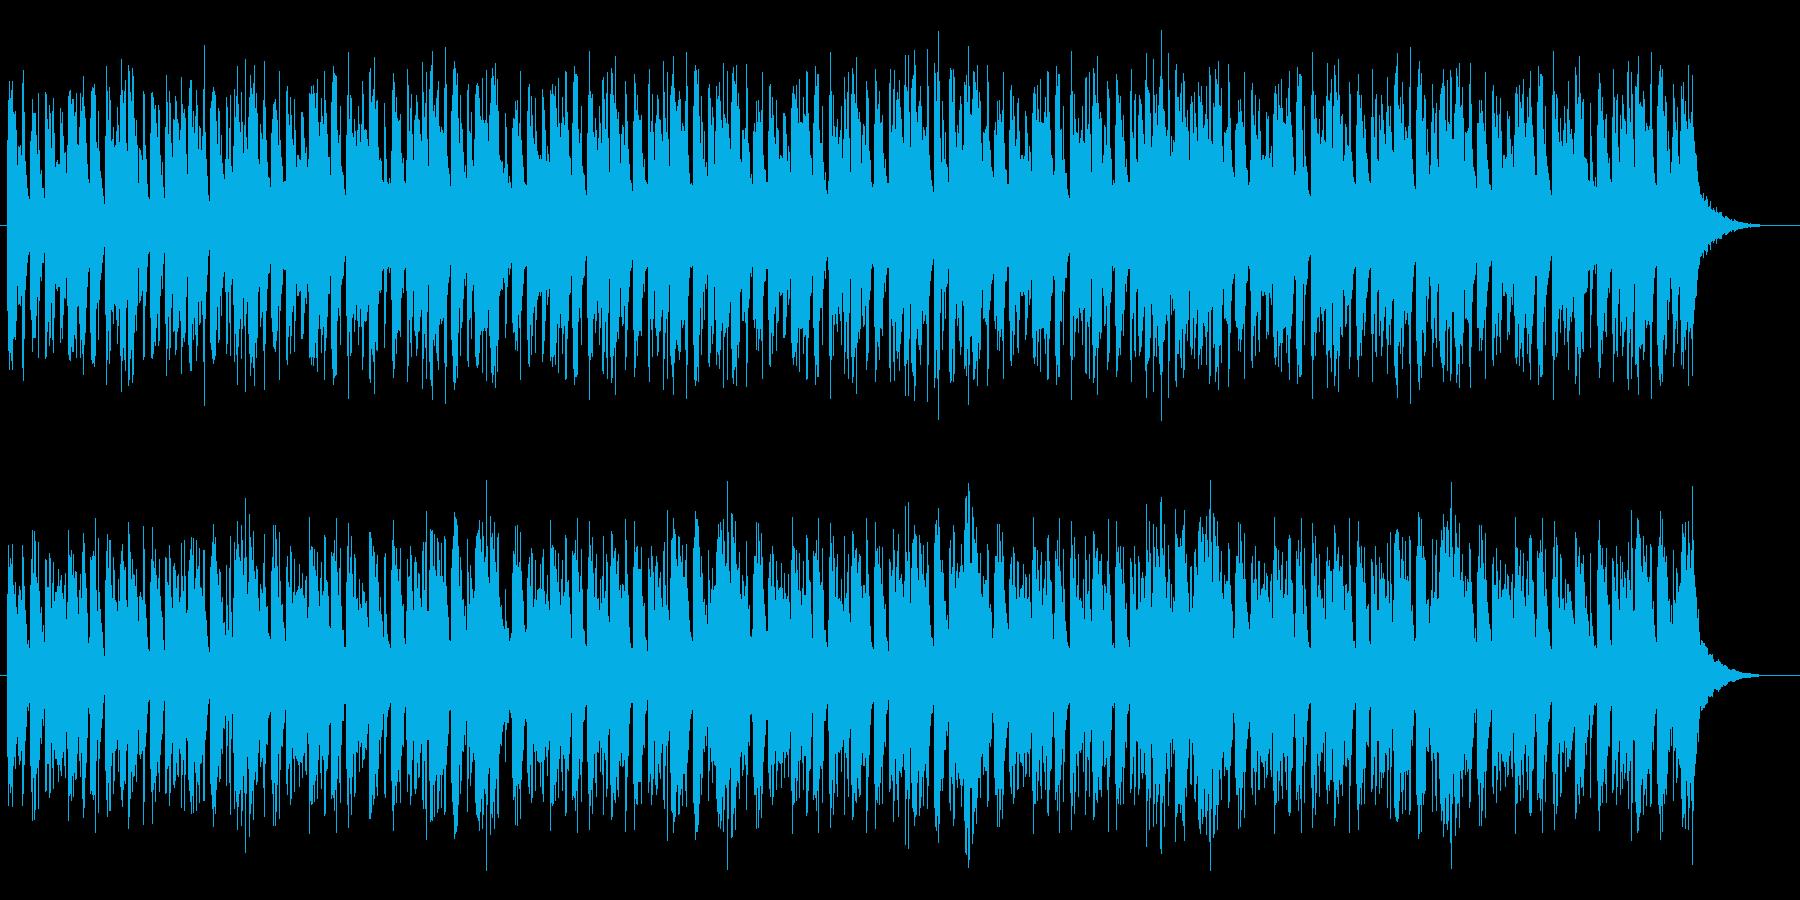 バイオリンとパーカッションによるBGMの再生済みの波形